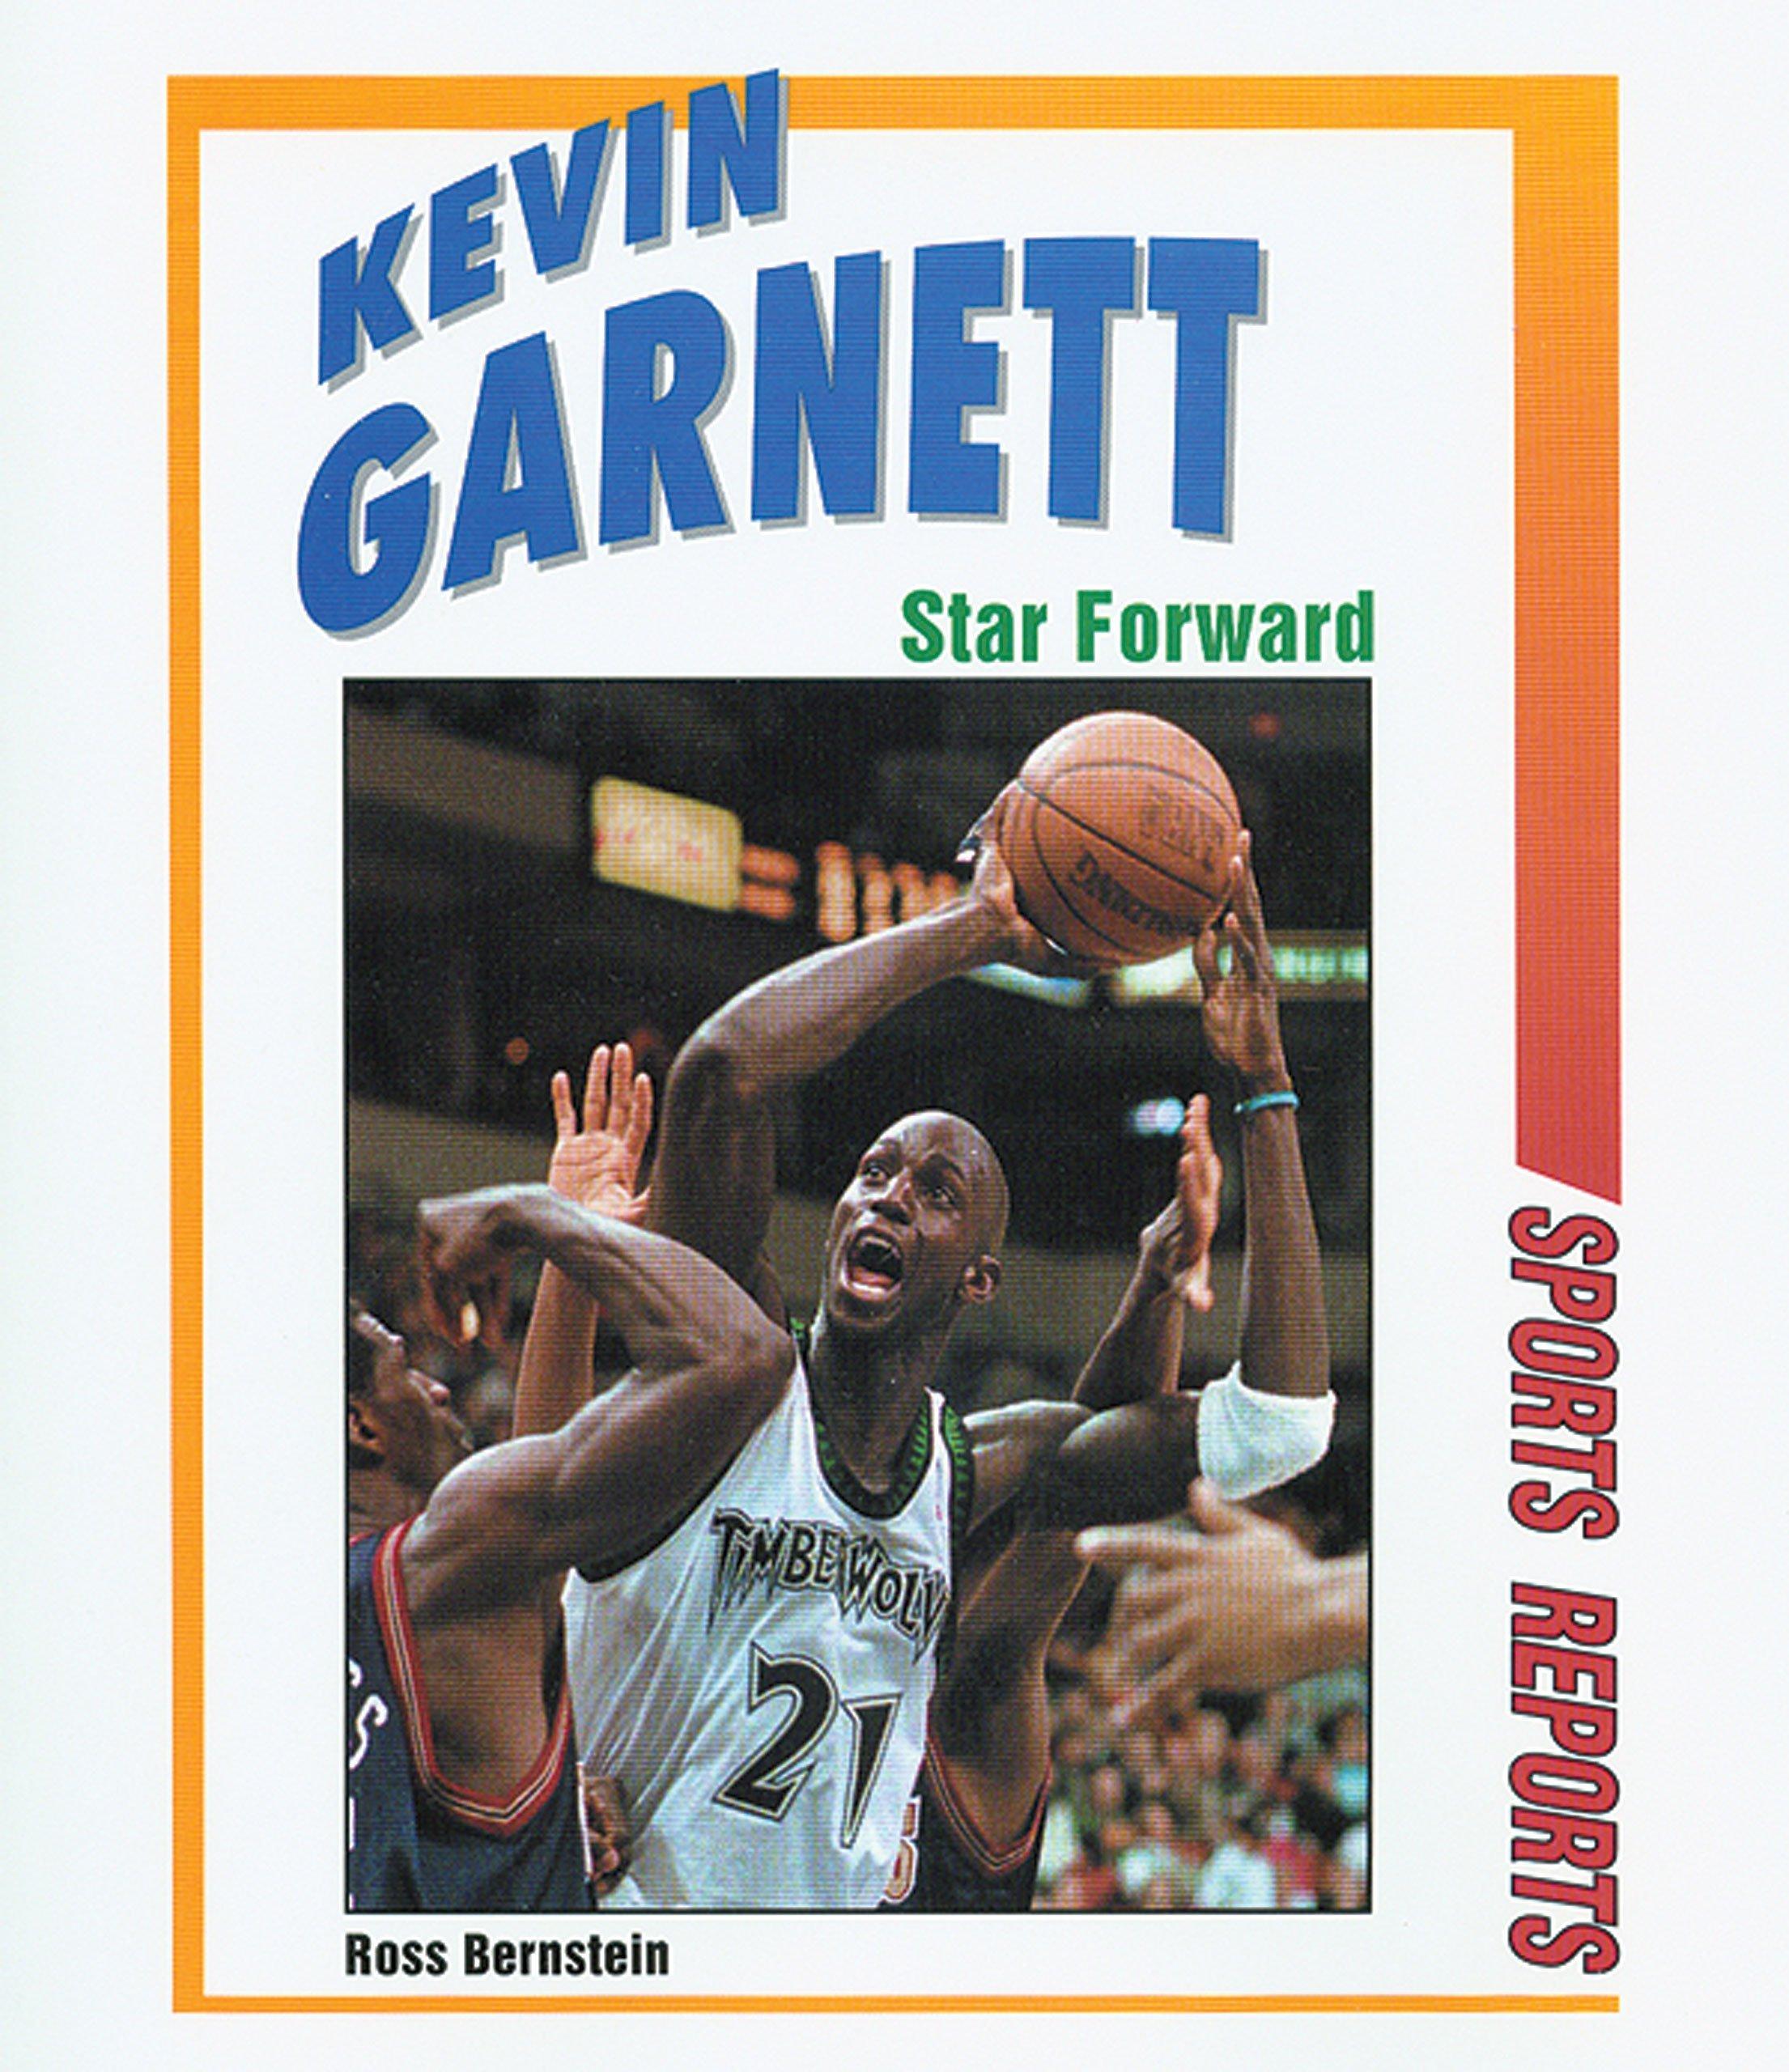 b7be80209d7eb Kevin Garnett: Star Forward (Sports Reports): Ross Bernstein ...